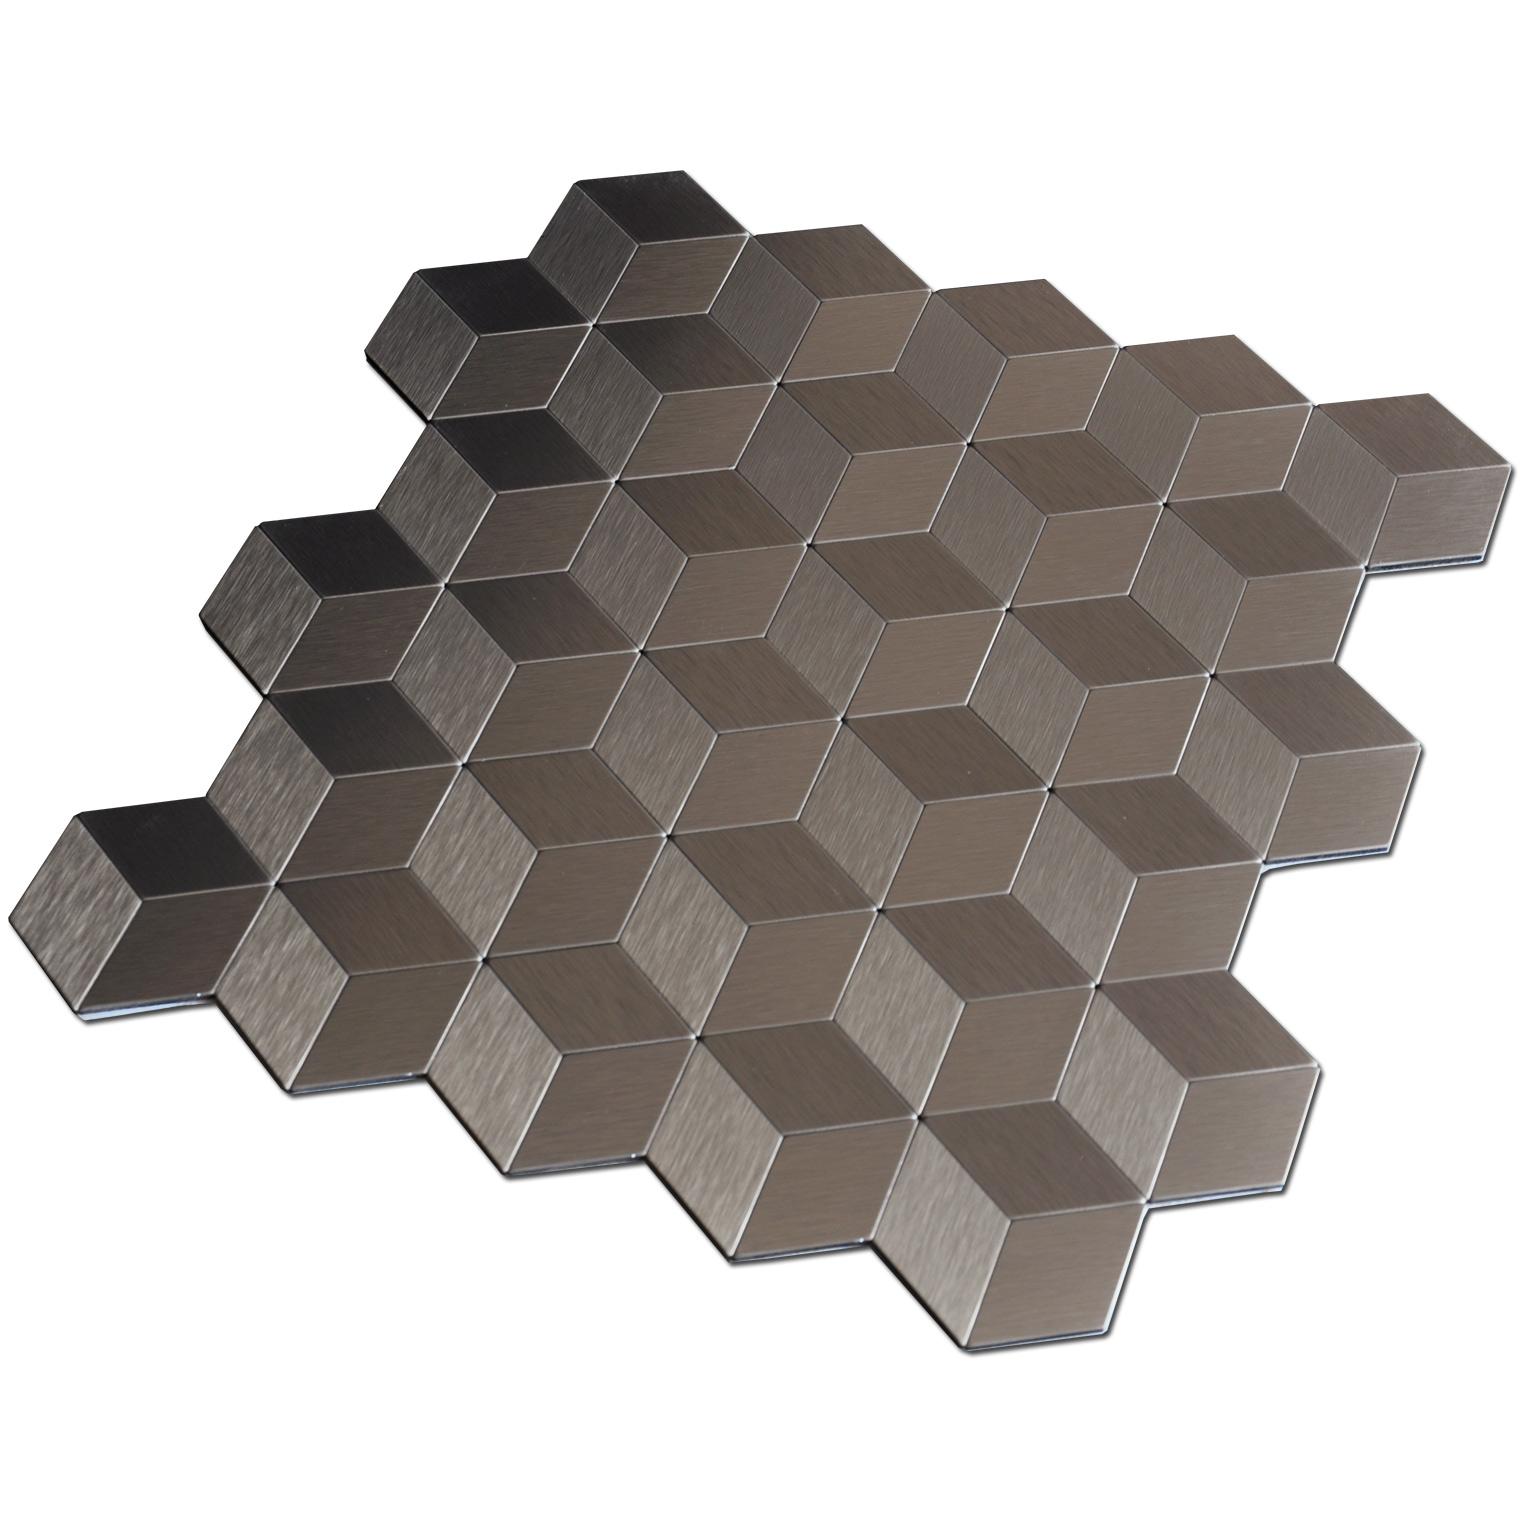 Peel & Stick Metal Backsplash for Kitchen Cubic Copper Set of 10